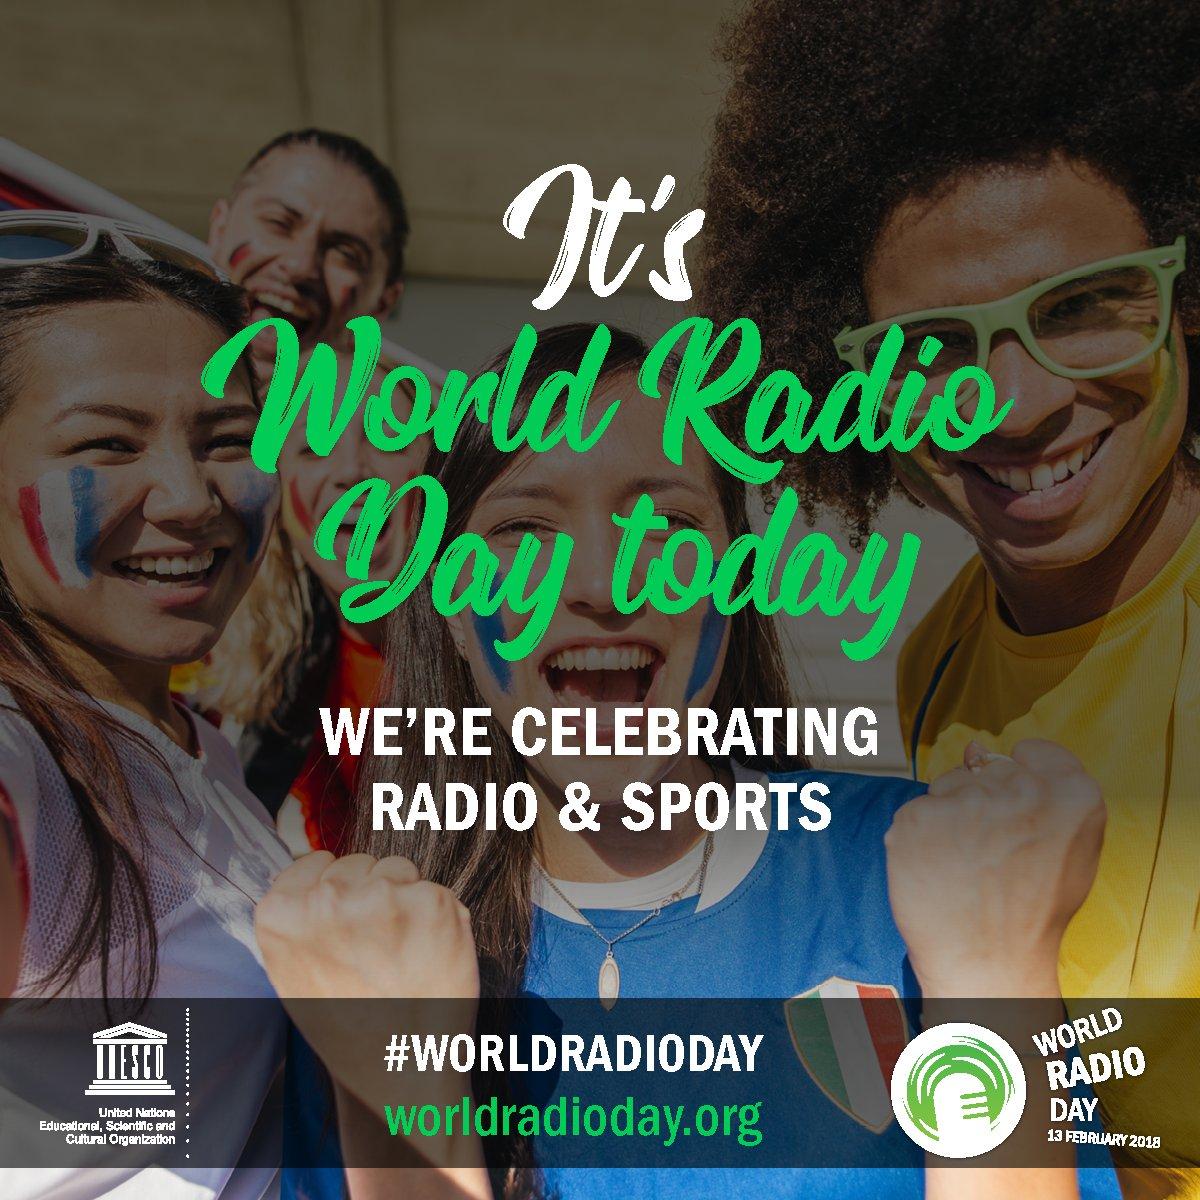 C'est la Journée mondiale de la radio 2018